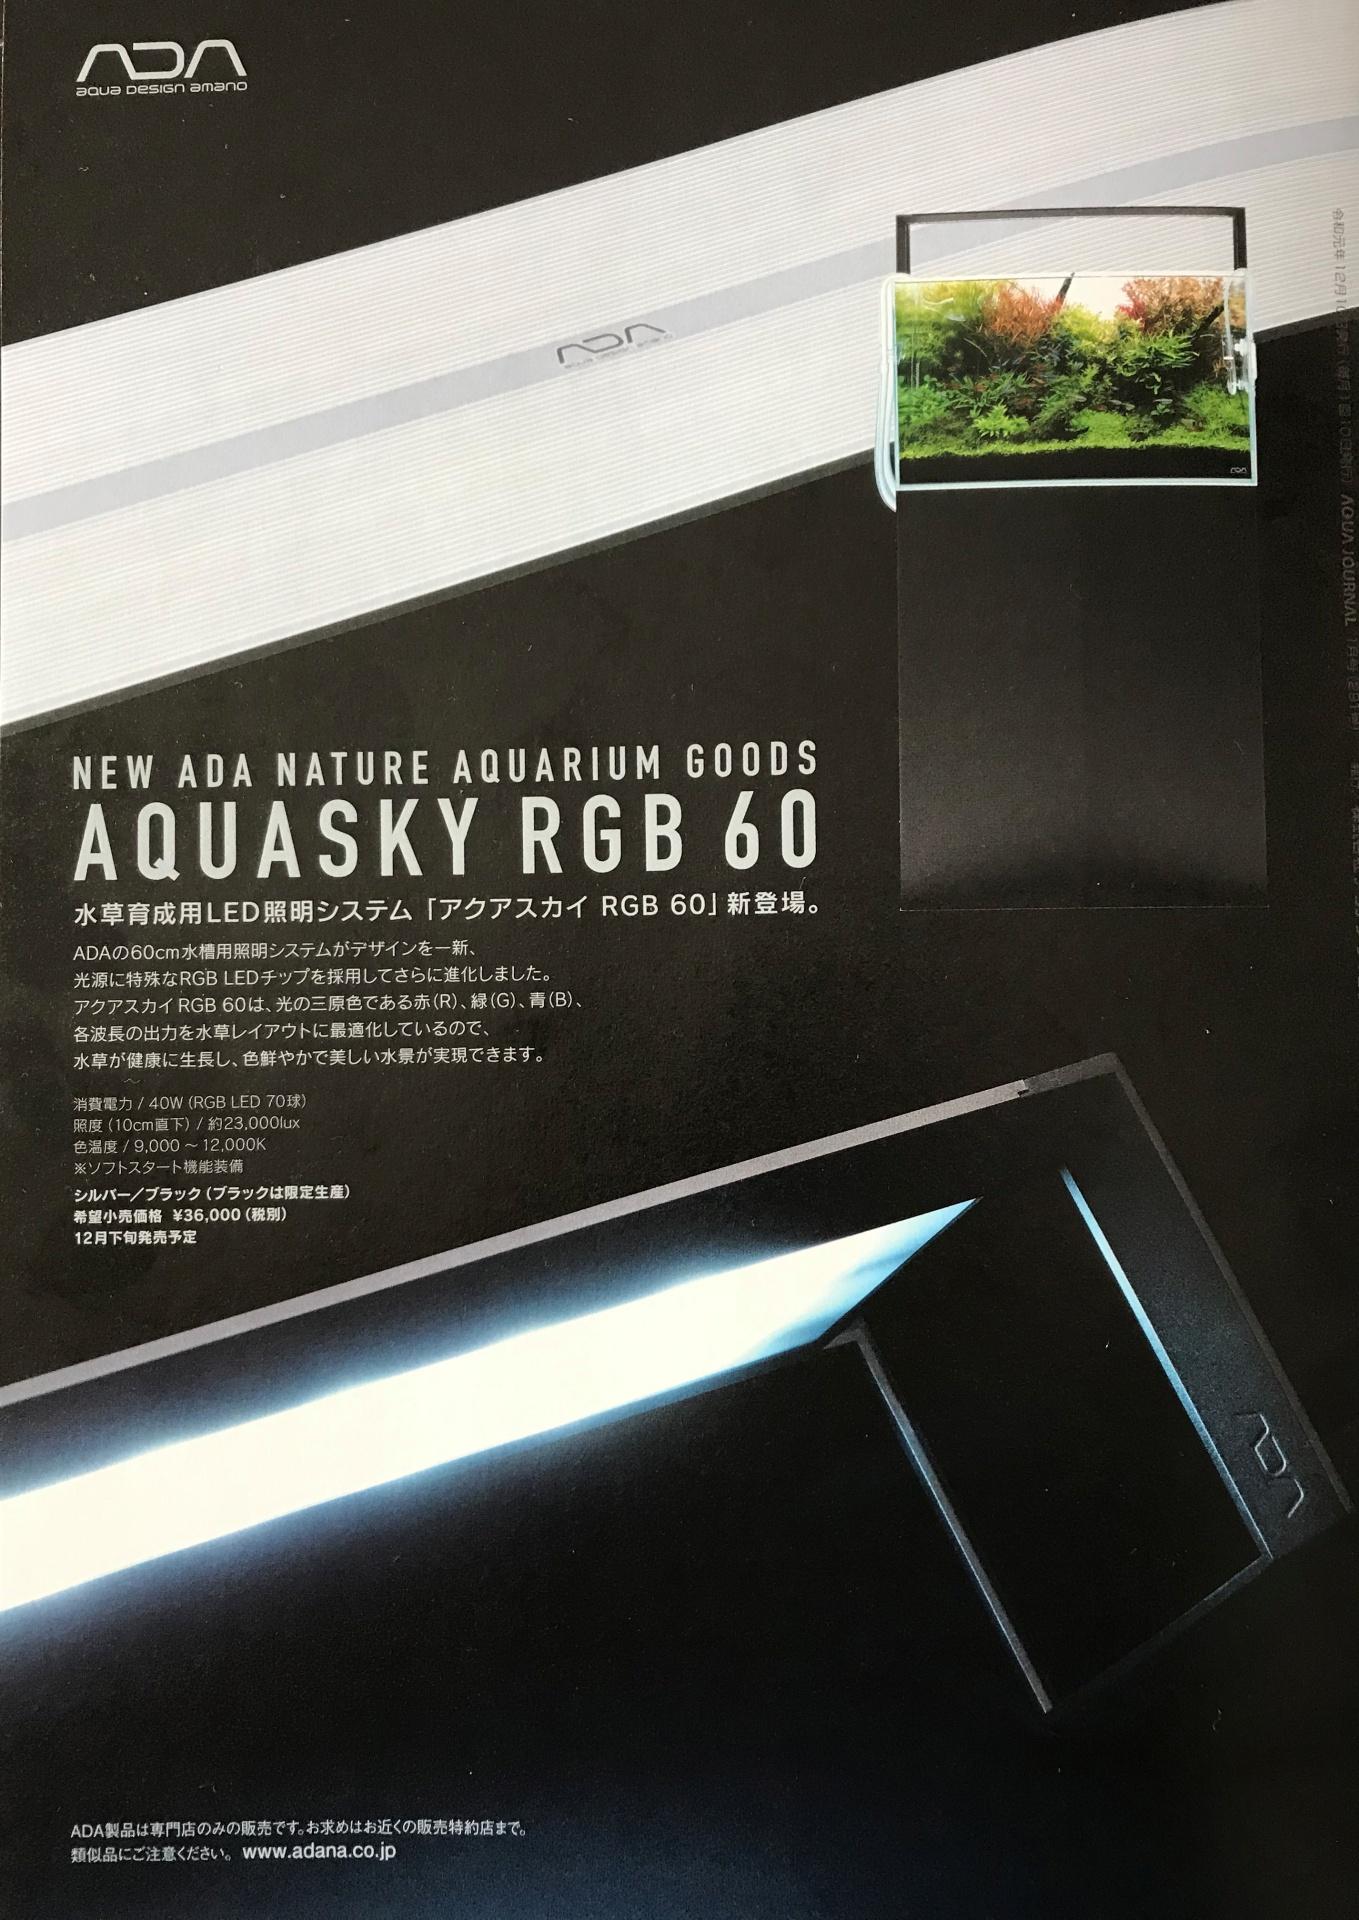 気になる製品part2: ADA アクアスカイ RGB 60